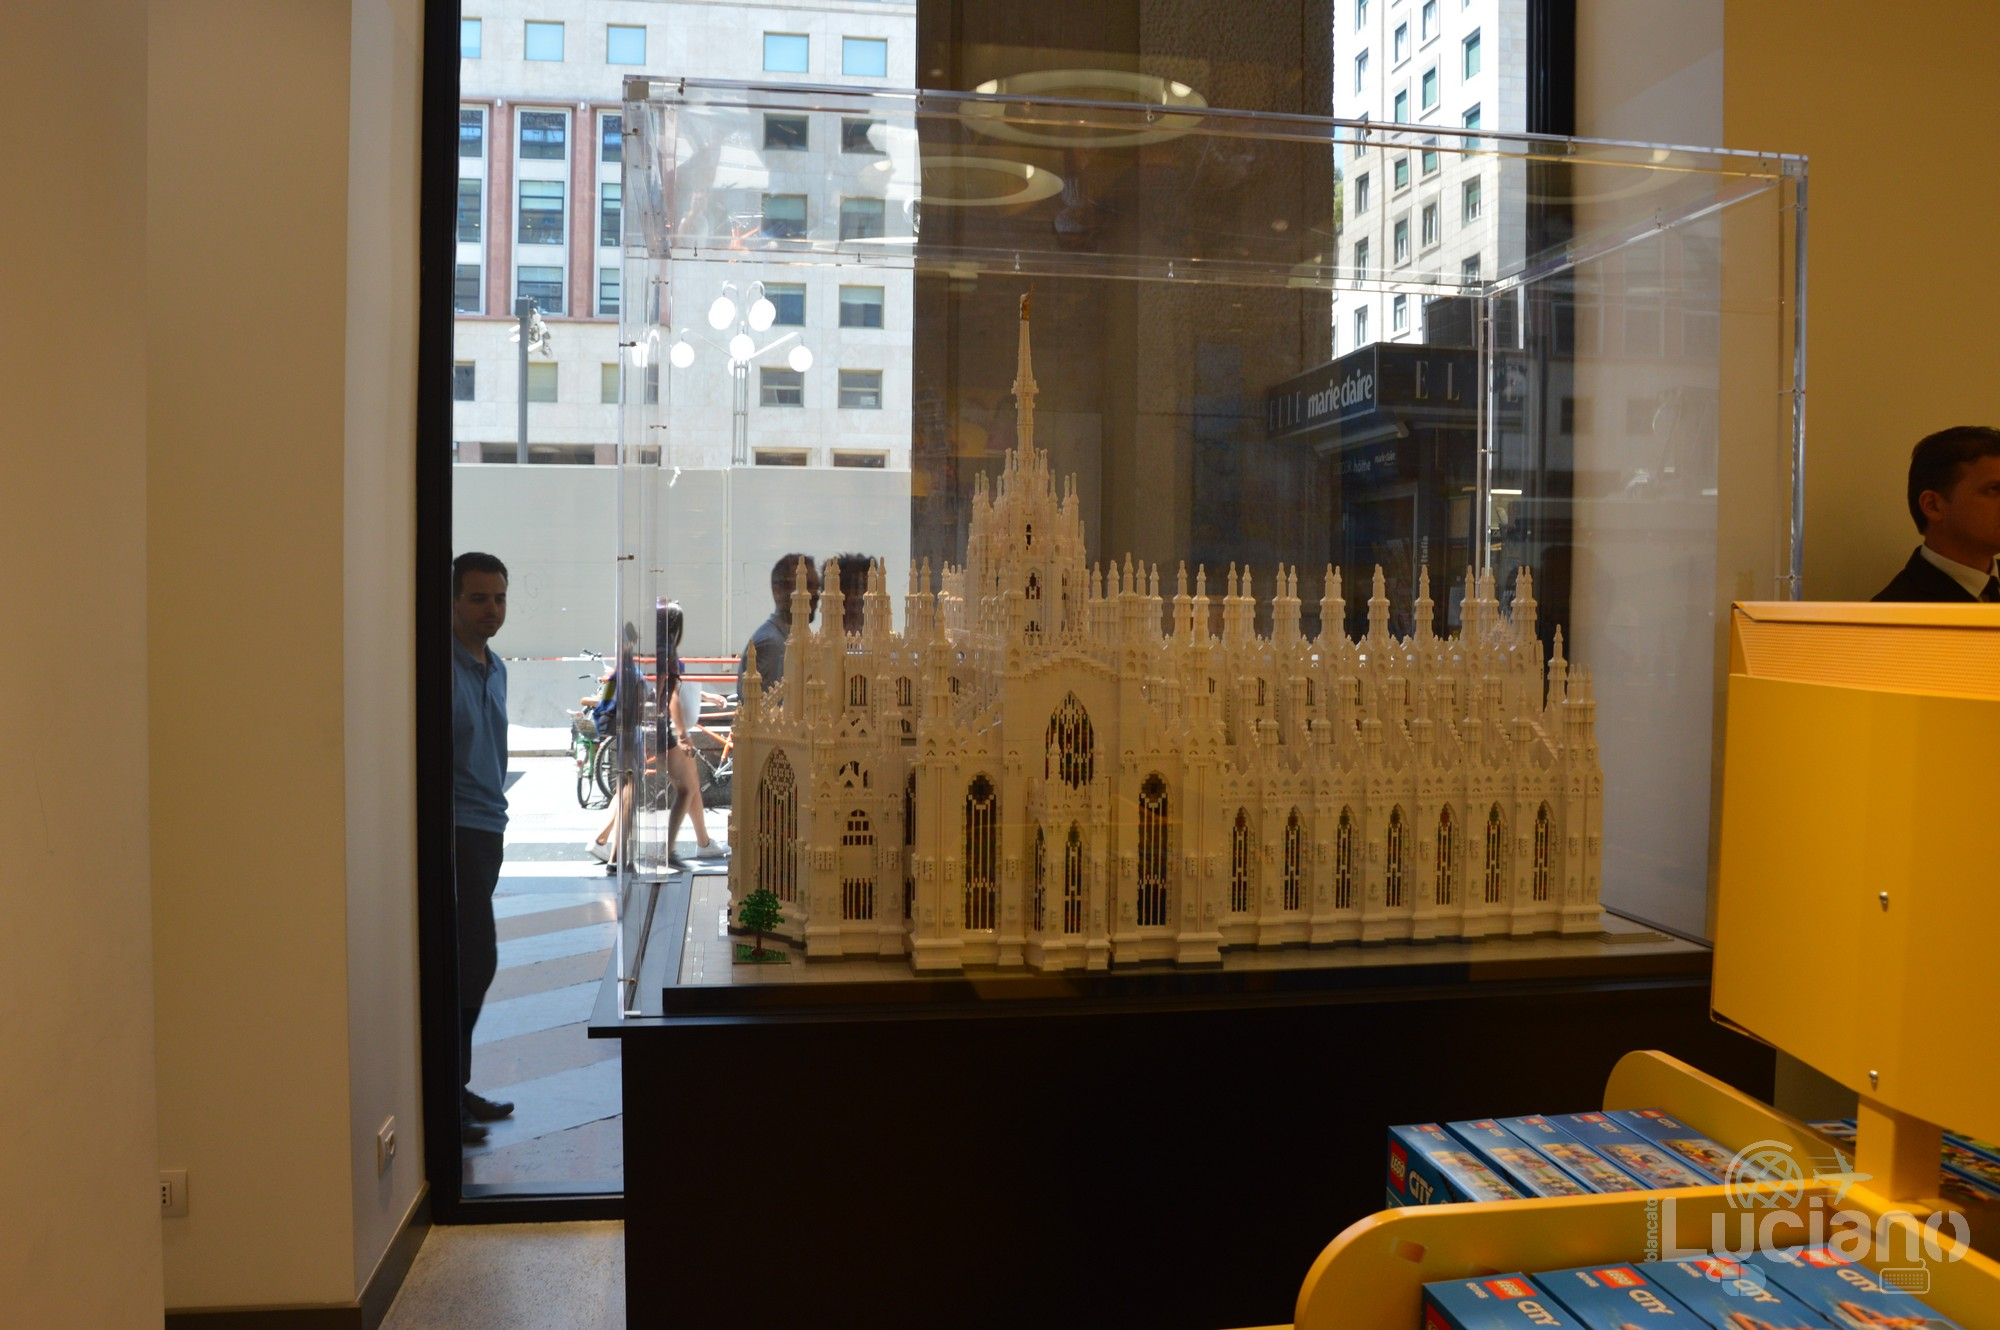 Lego Store - modellino Duomo di Milano - Milano - Lombardia - Italia